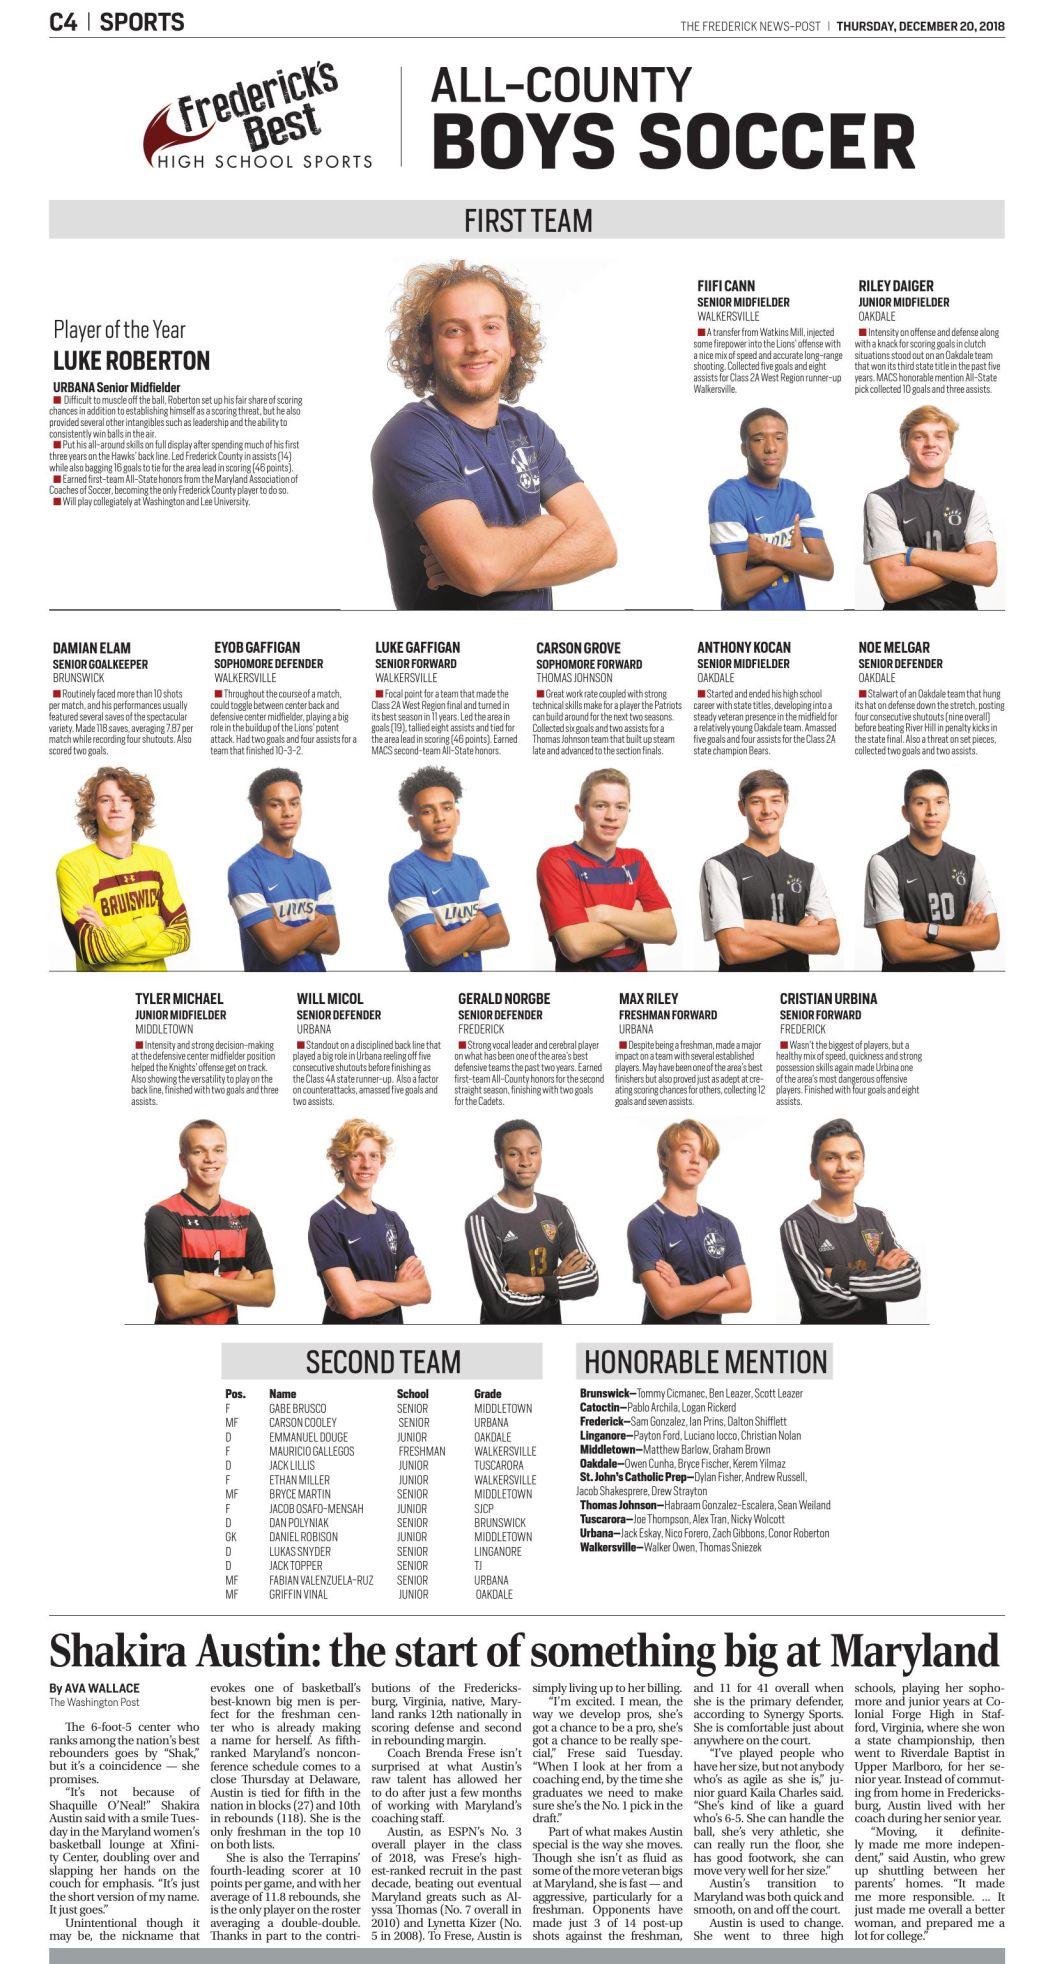 2018 All-County Boys Soccer